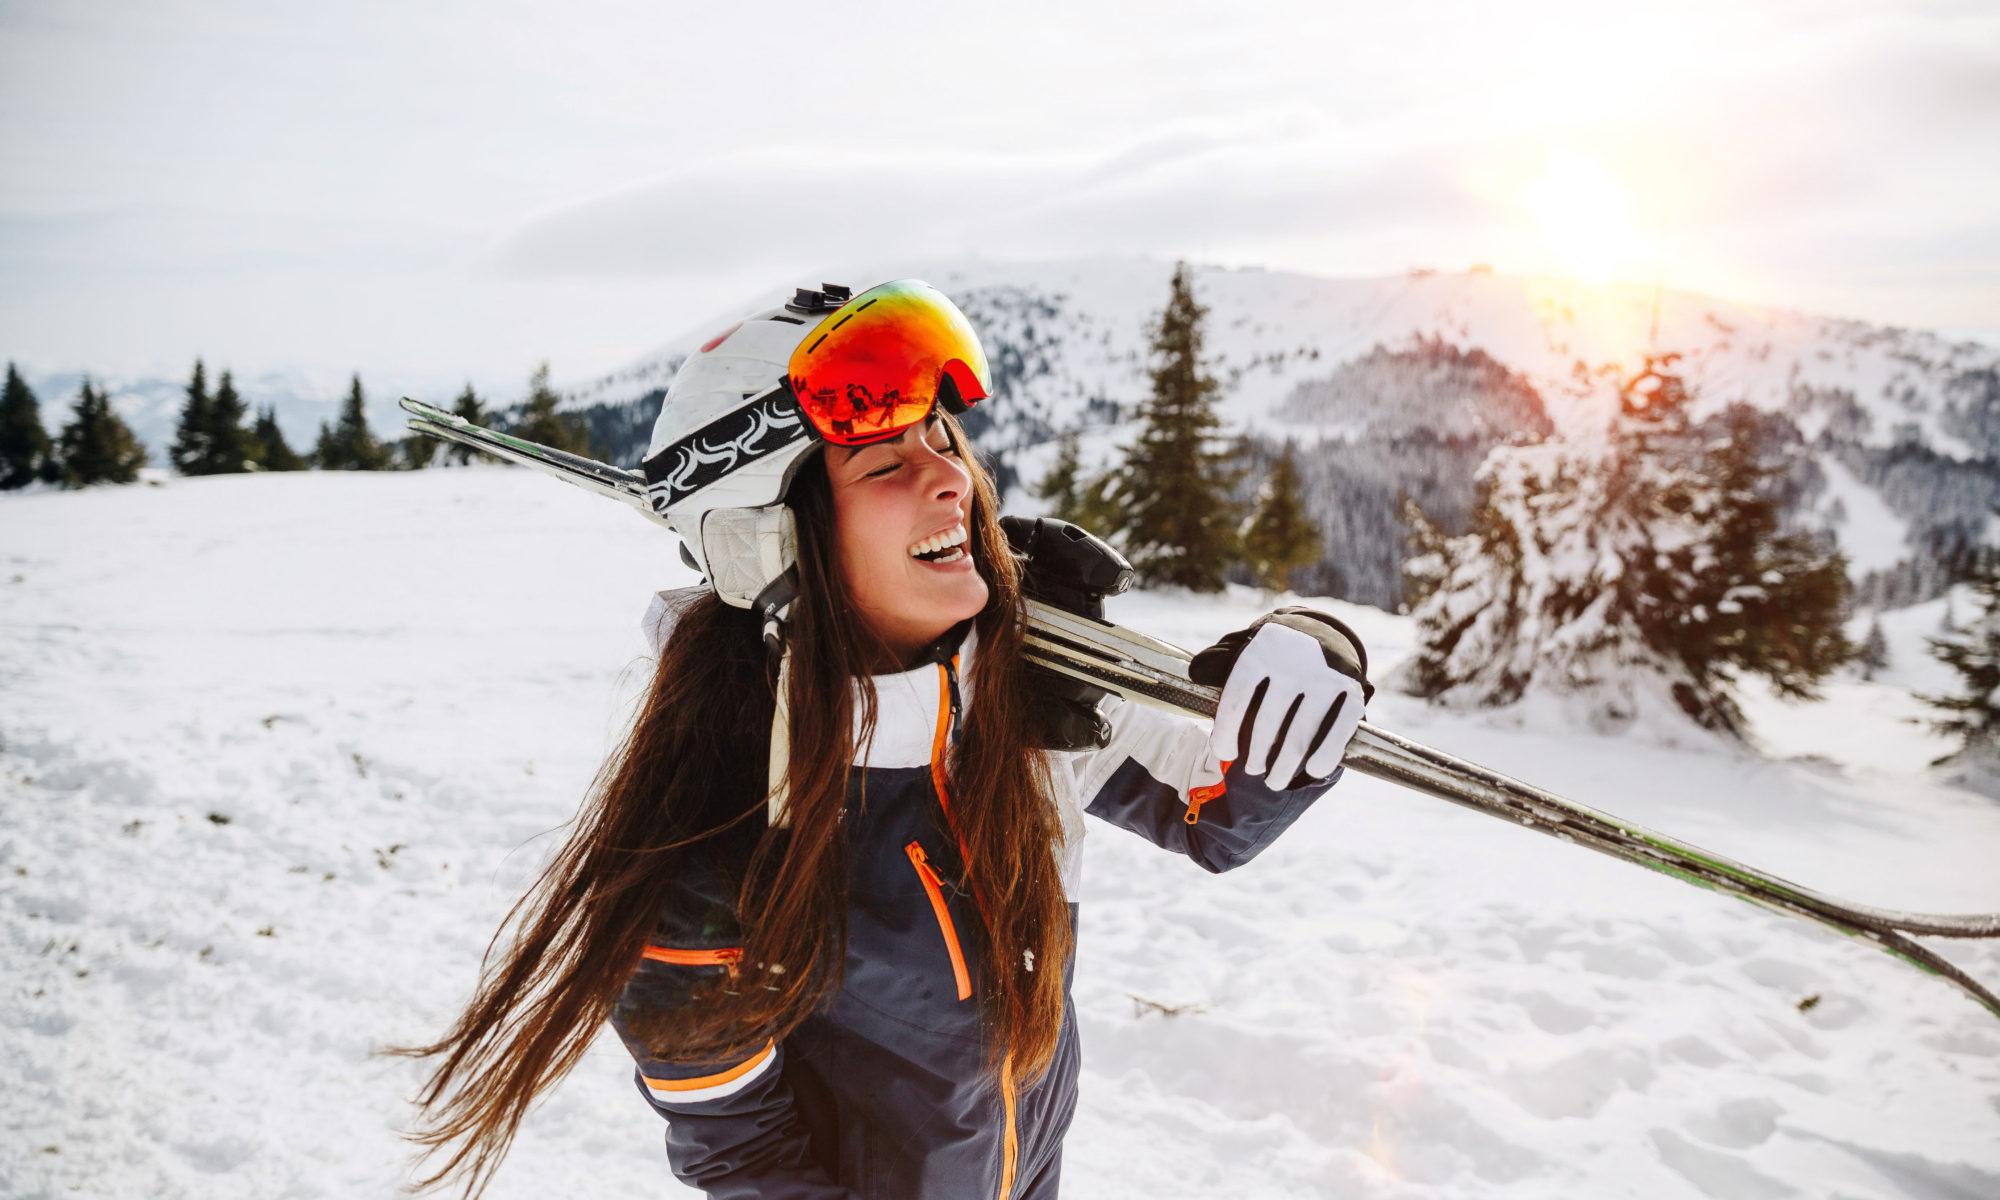 szczęśliwa dziewczyna w górach z nartami